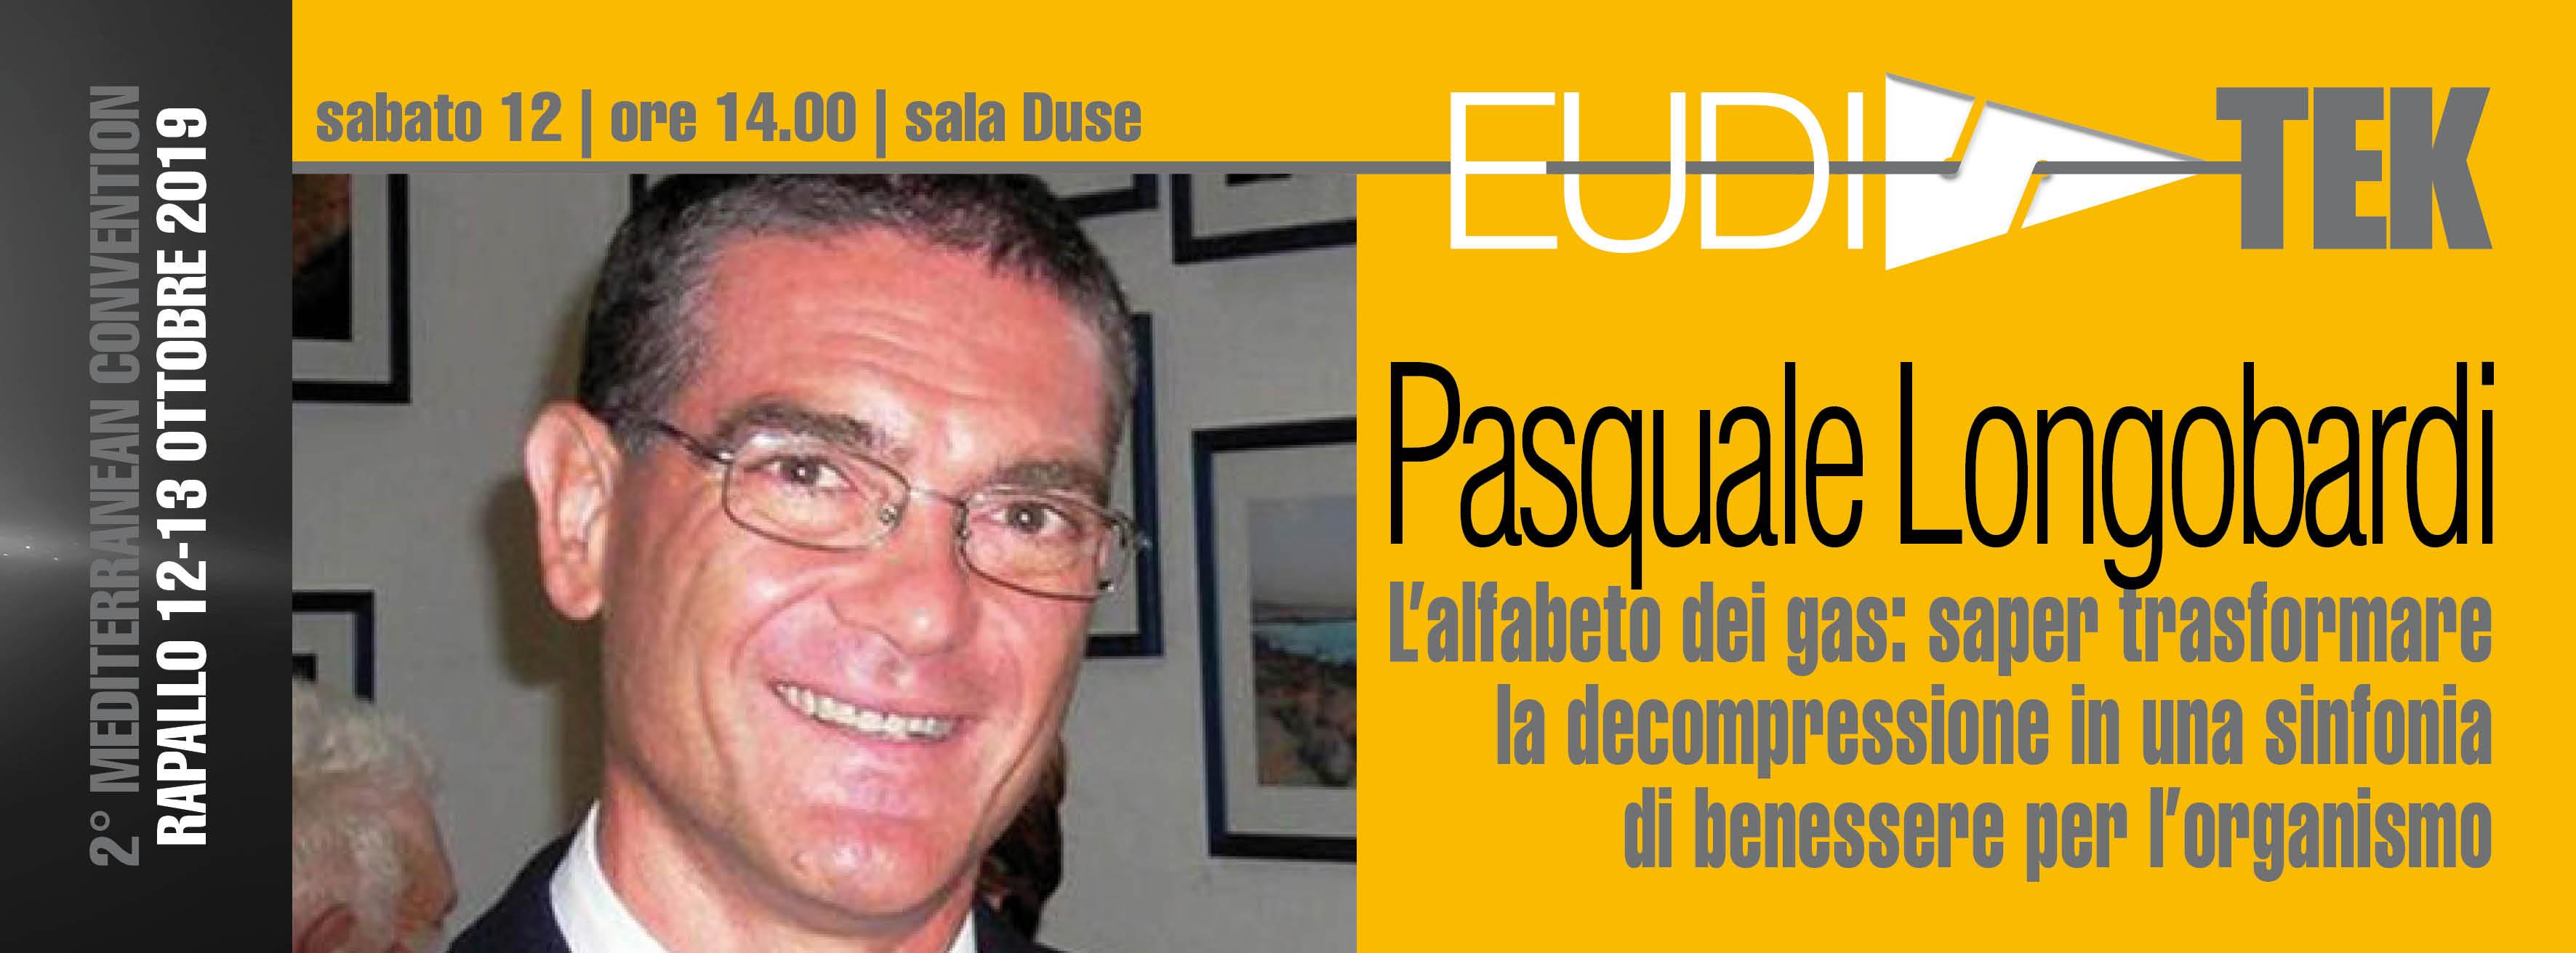 Conferenza Pasquale Longobardi